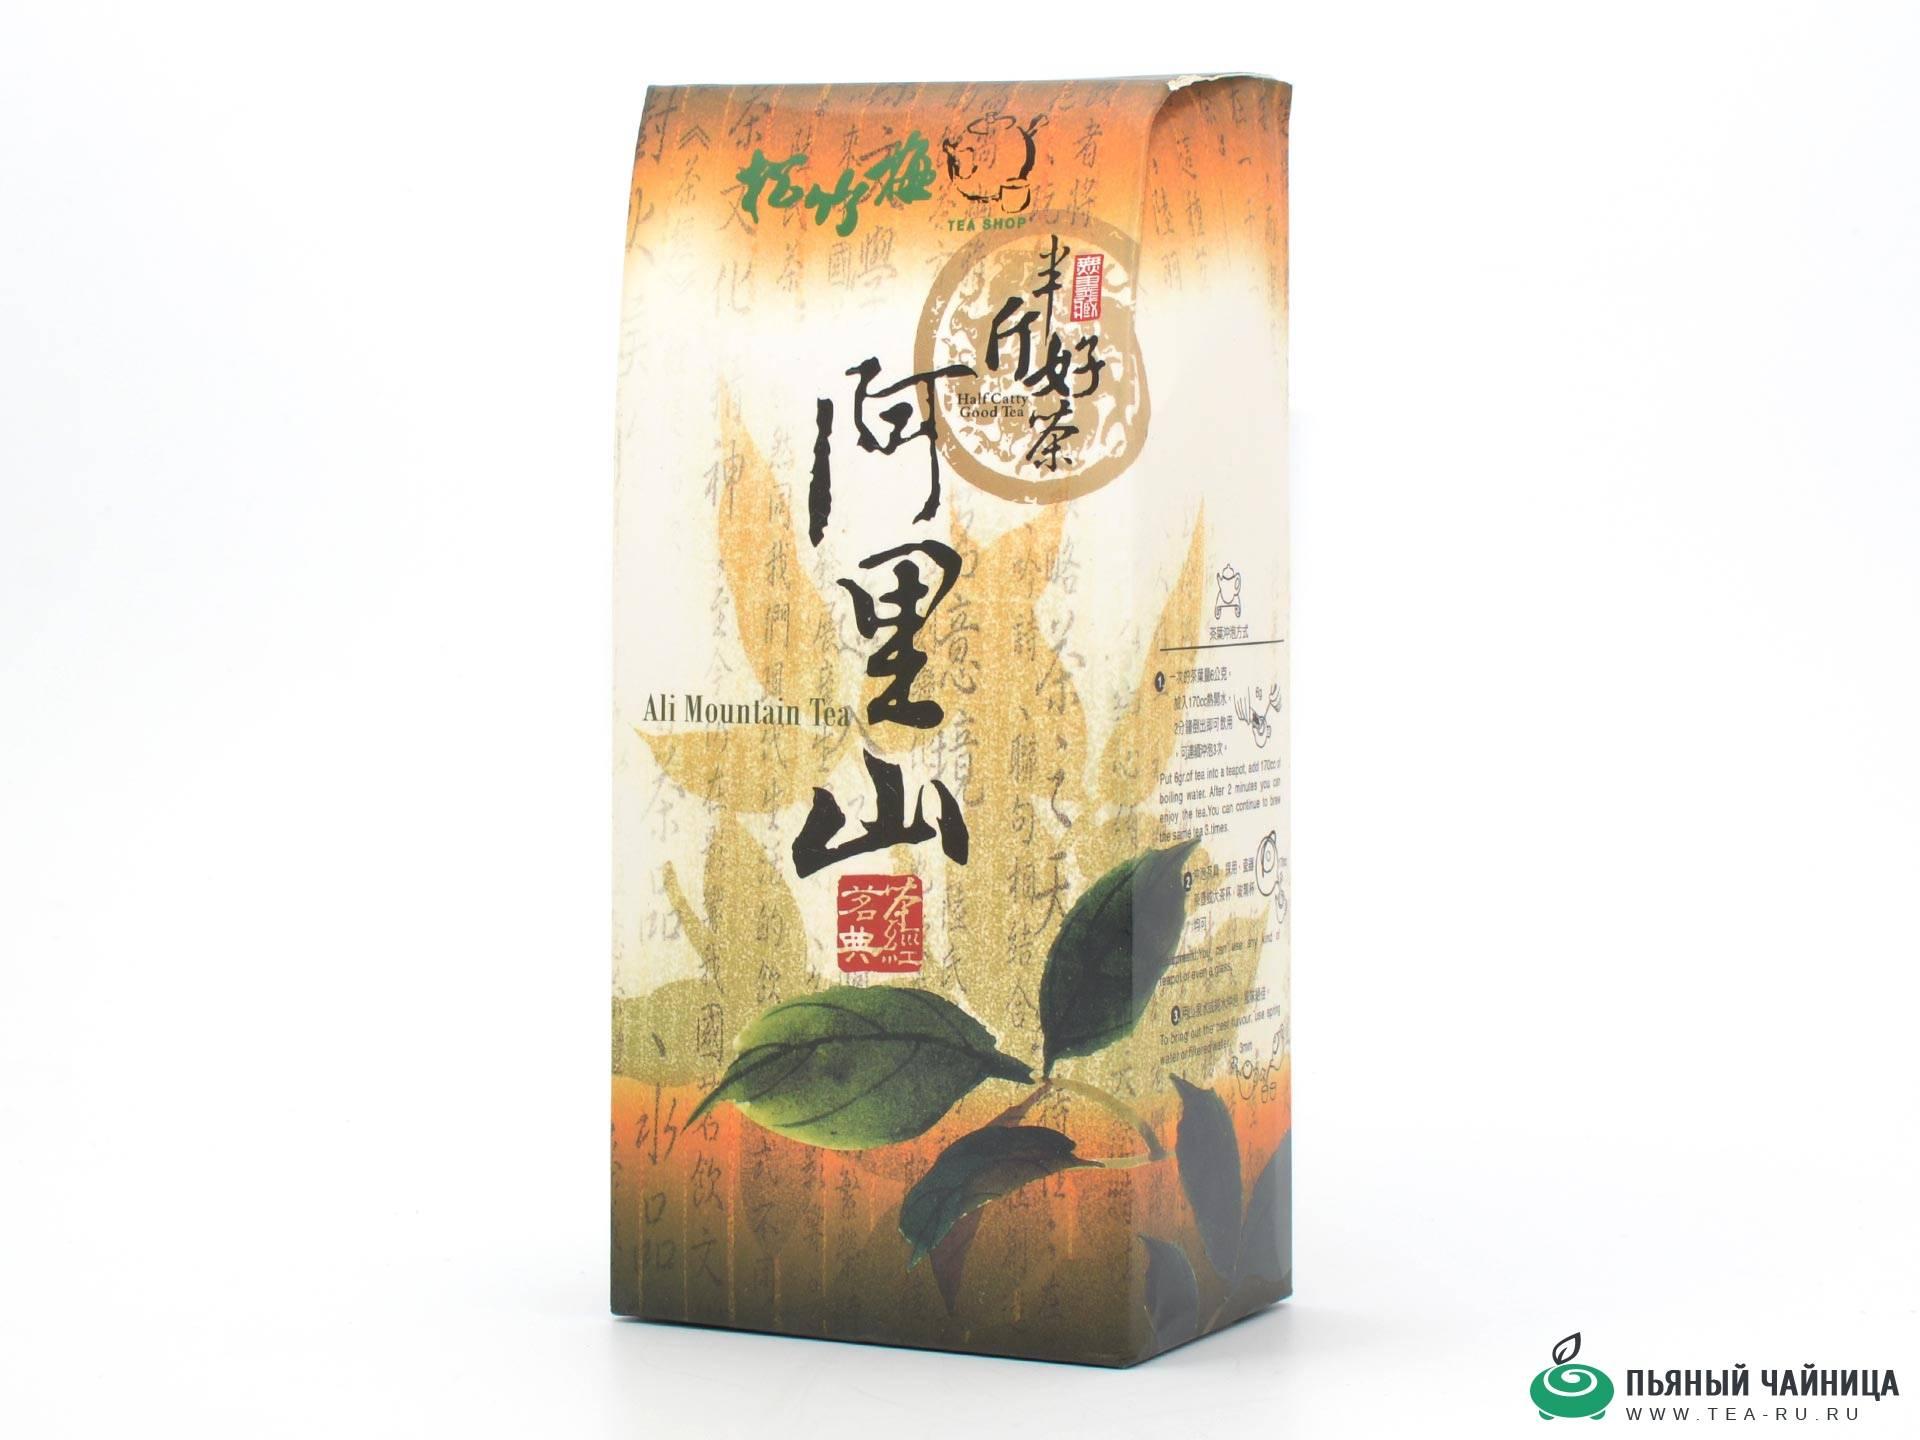 Чай молочный улун: история и технология выращивания (видео)